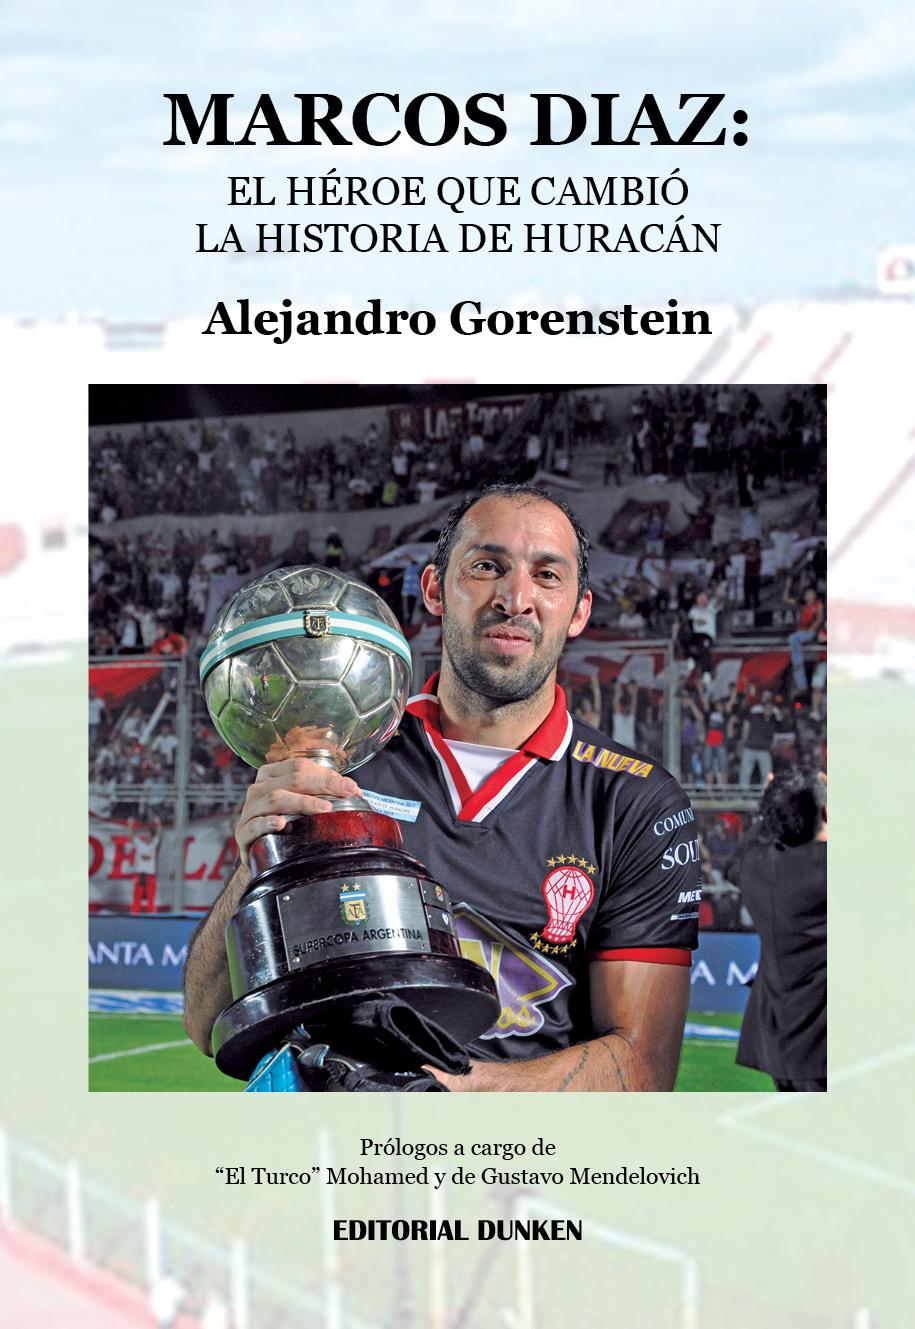 Marcos Diaz: el héroe que cambio la historia de Huracán ...